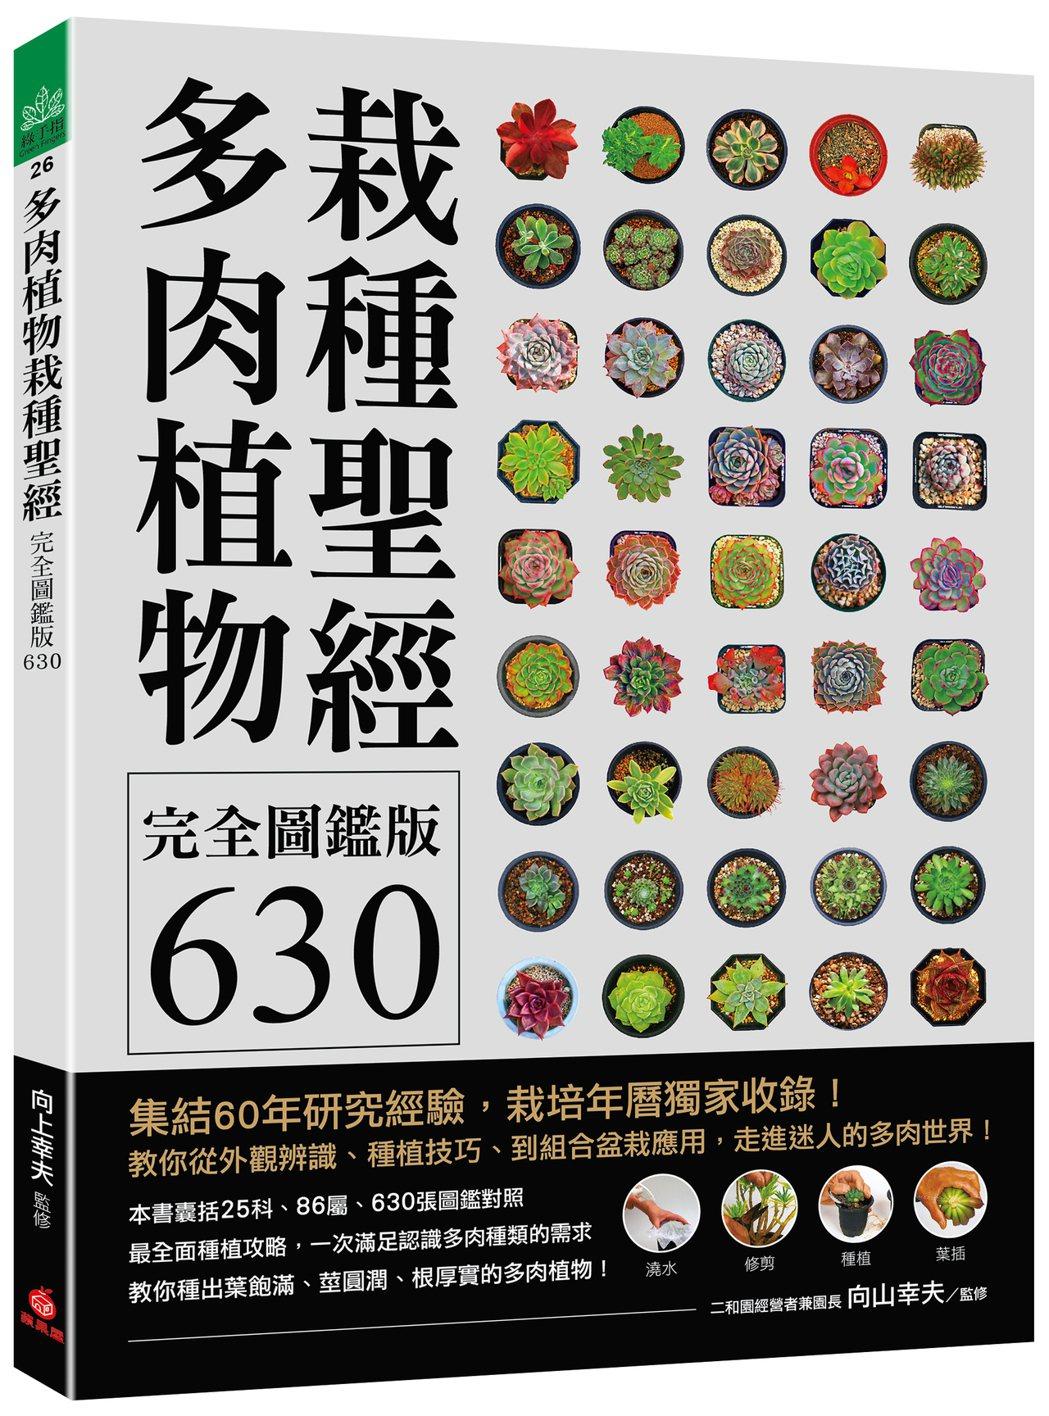 多肉植物栽種聖經完全圖鑑版630 圖/台灣廣廈授權使用